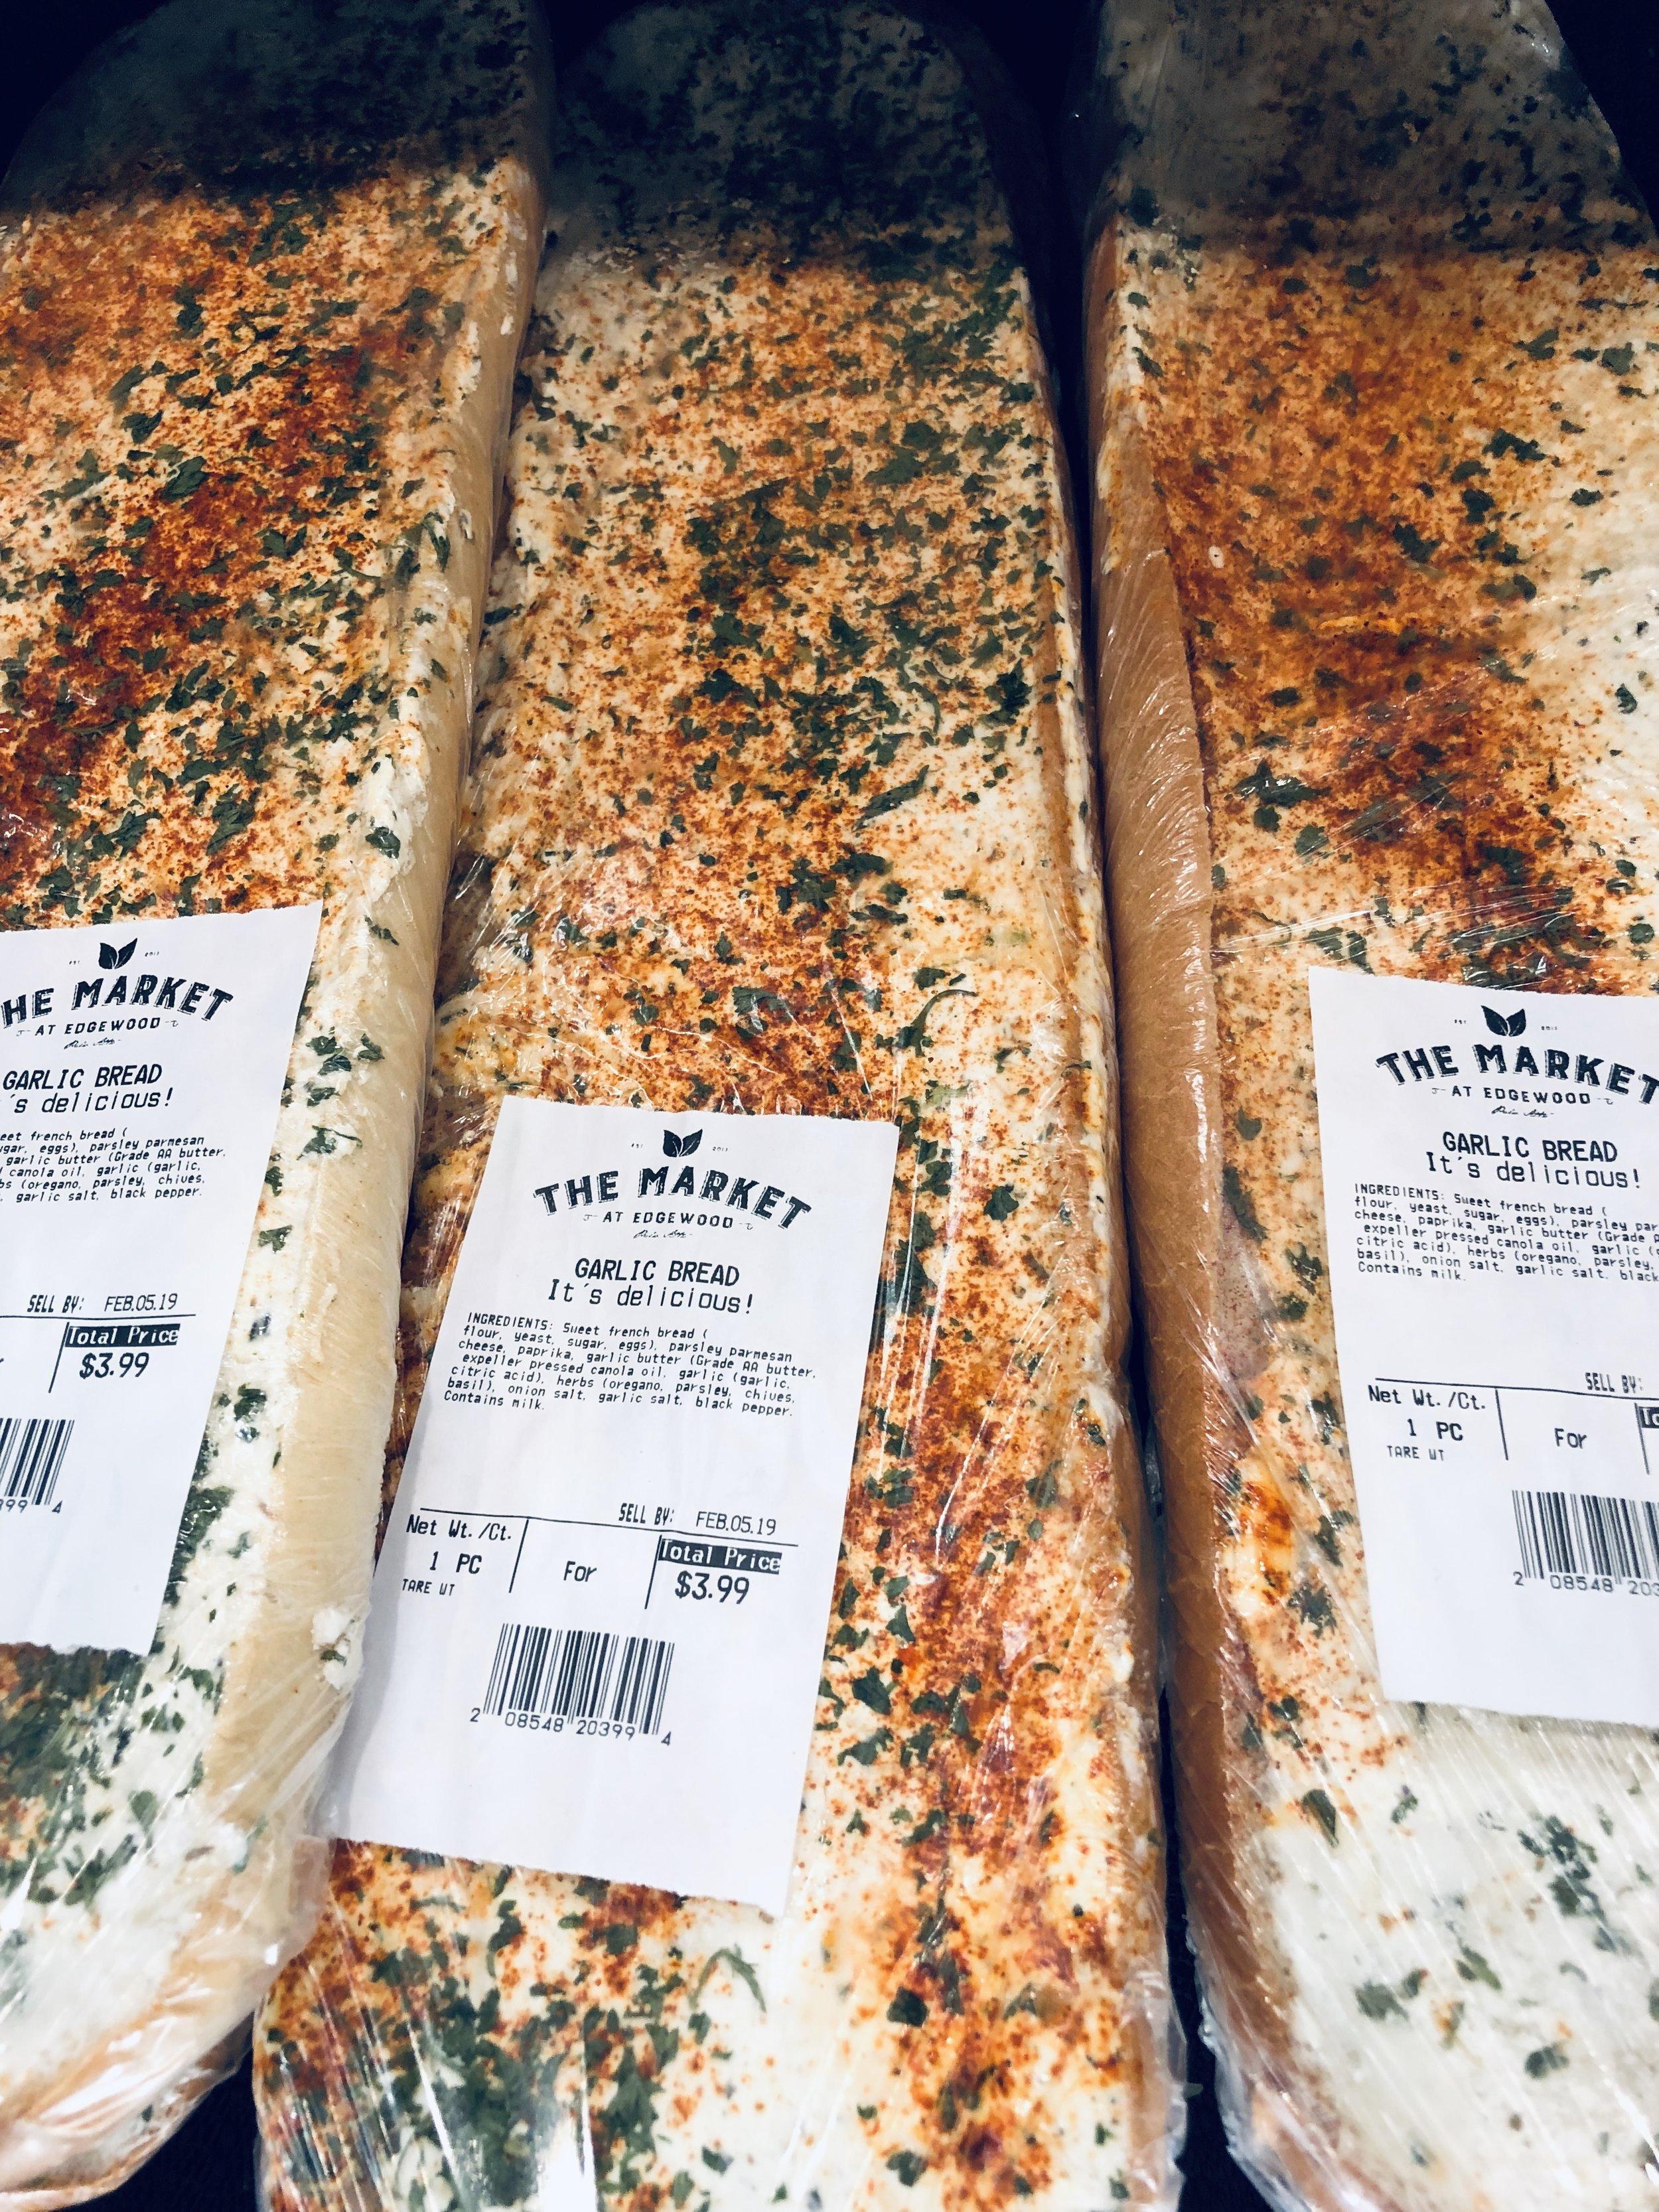 garlic bread $3.59 ea. (reg. $3.99) -